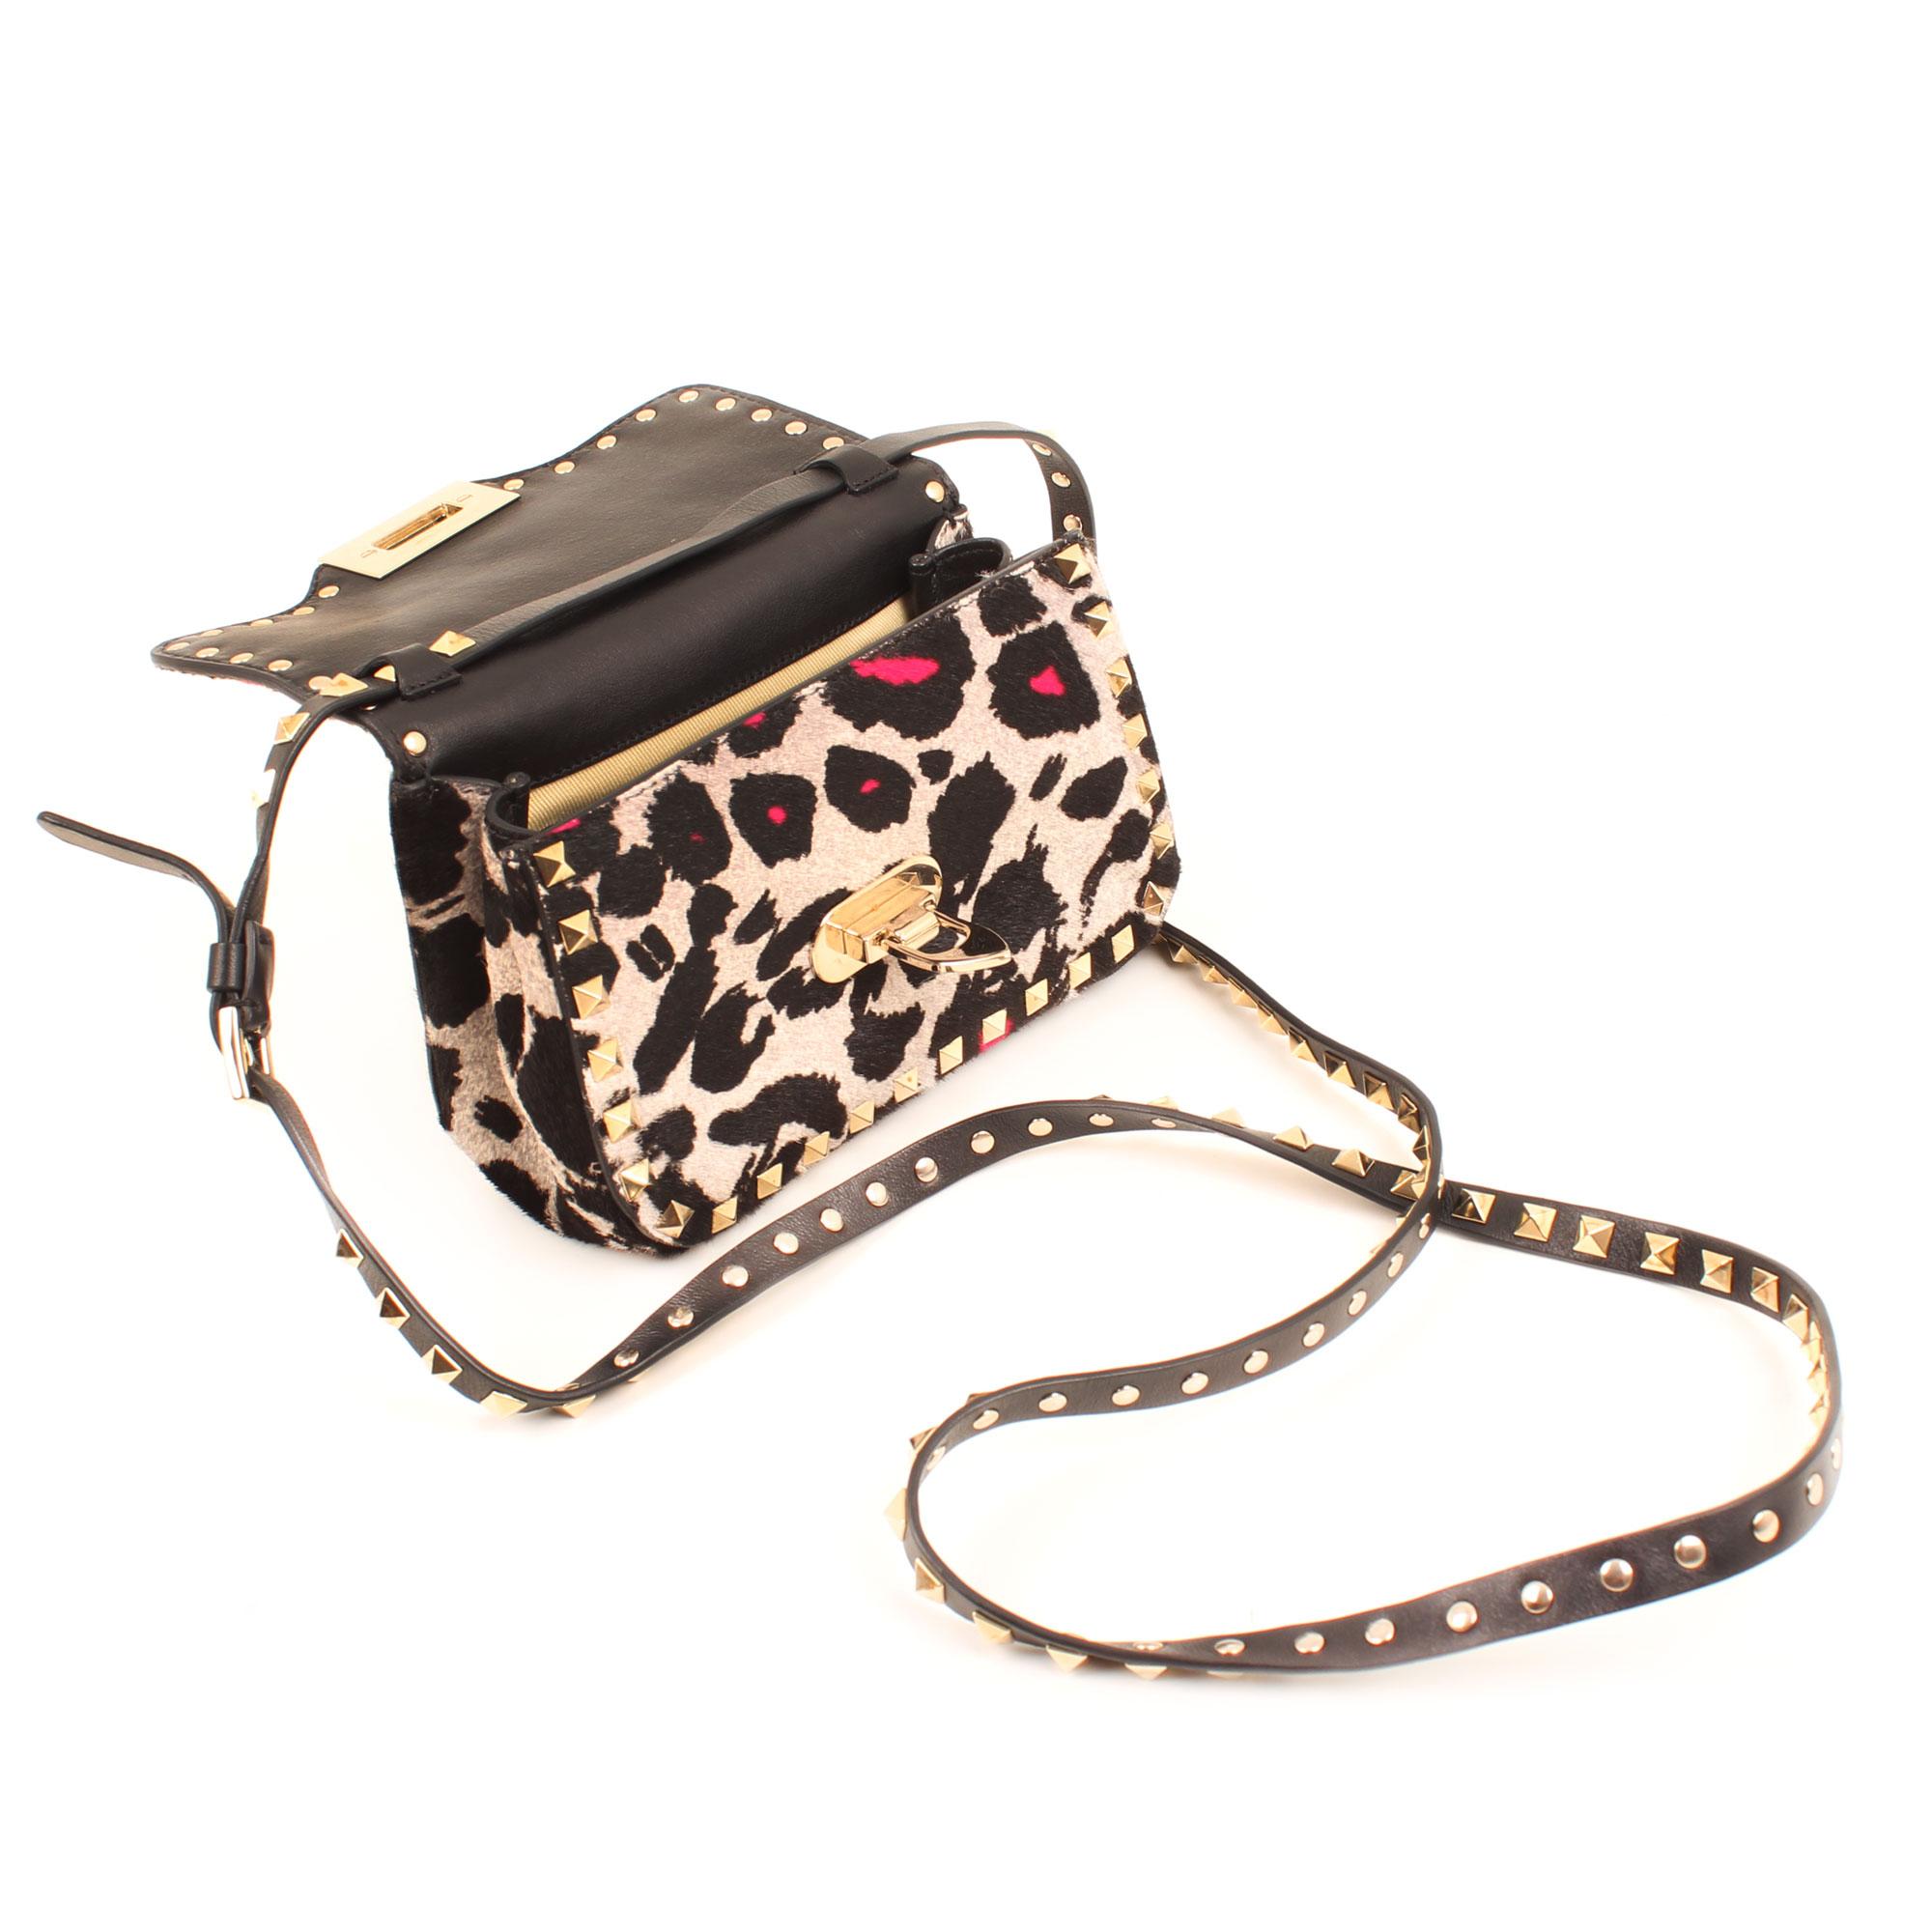 Imagen del bolso abierto del modelo bolso valentino rockstud mini cross body leopard print pink hair calf